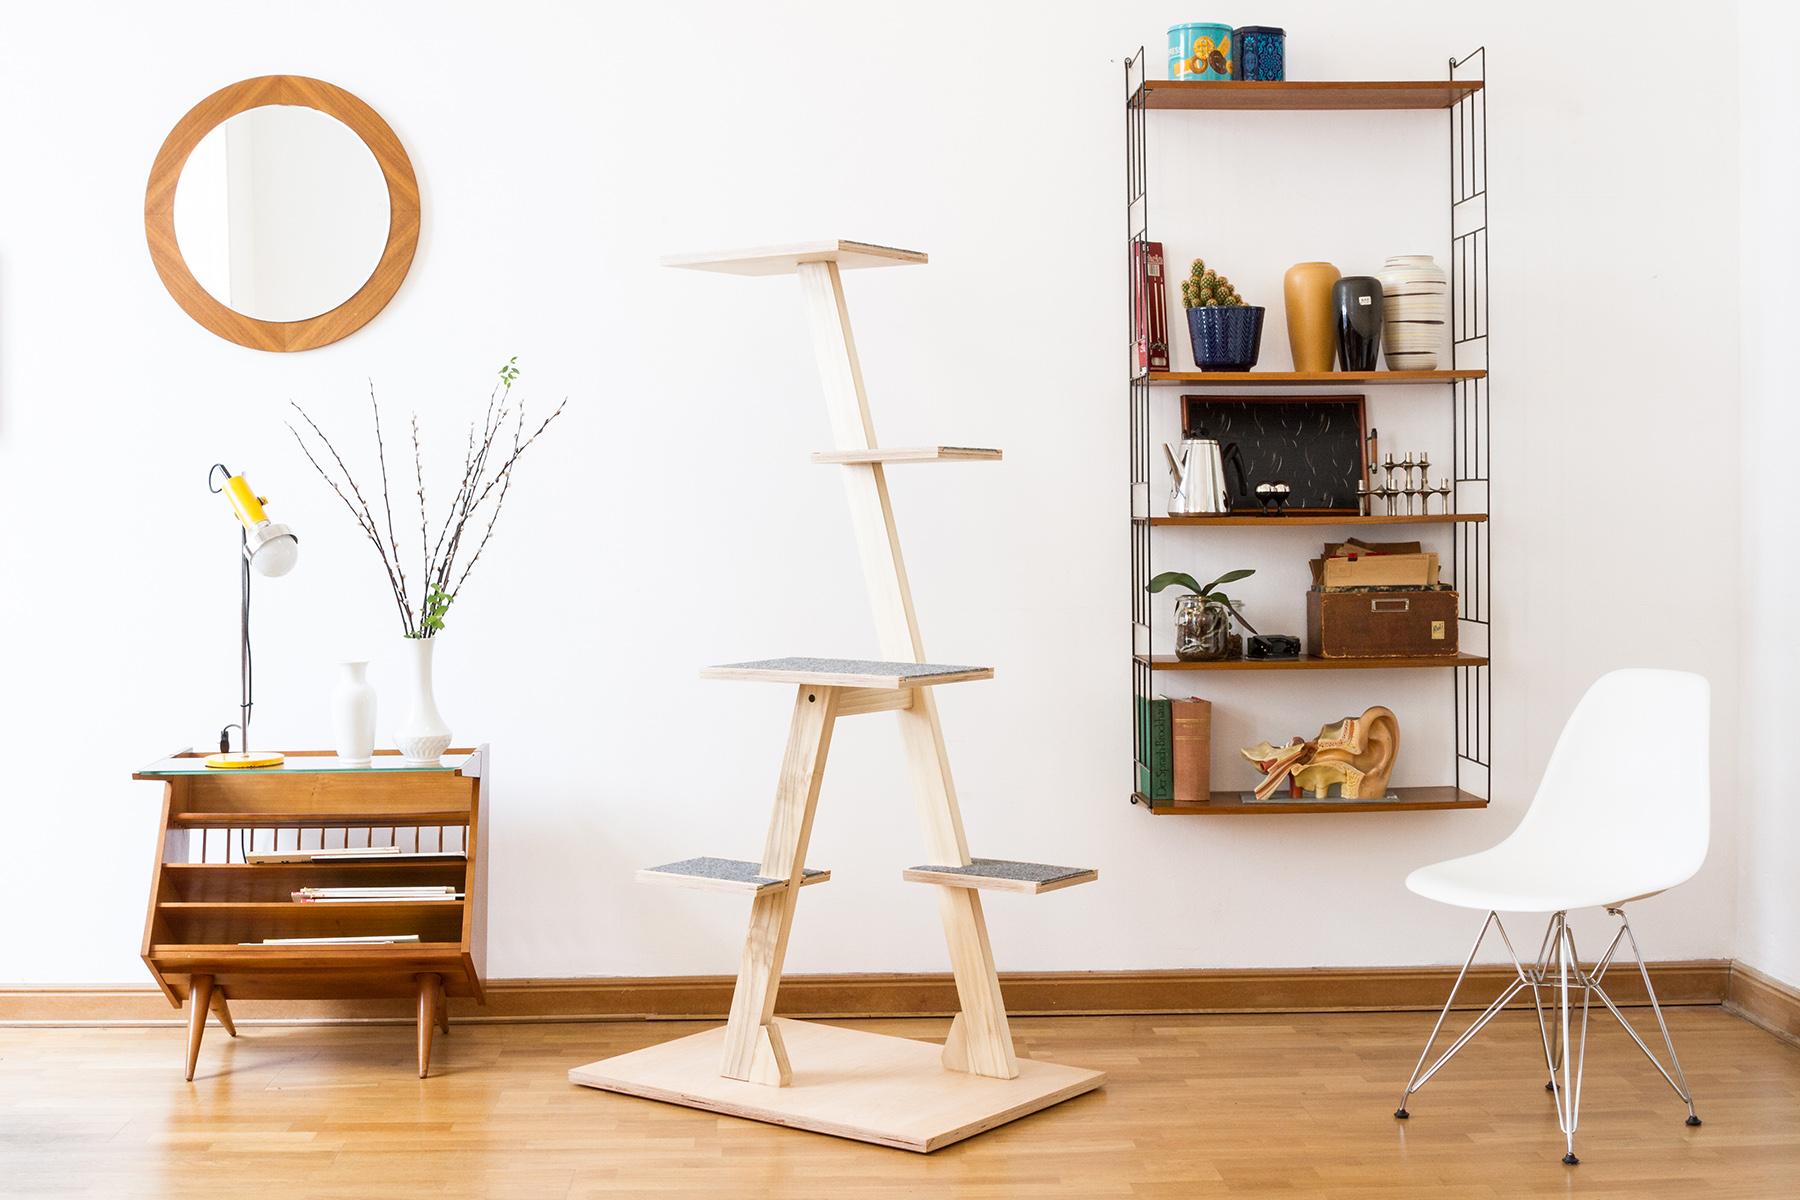 wohnen mit katzen das sind die sch nsten katzenm bel craftifair. Black Bedroom Furniture Sets. Home Design Ideas